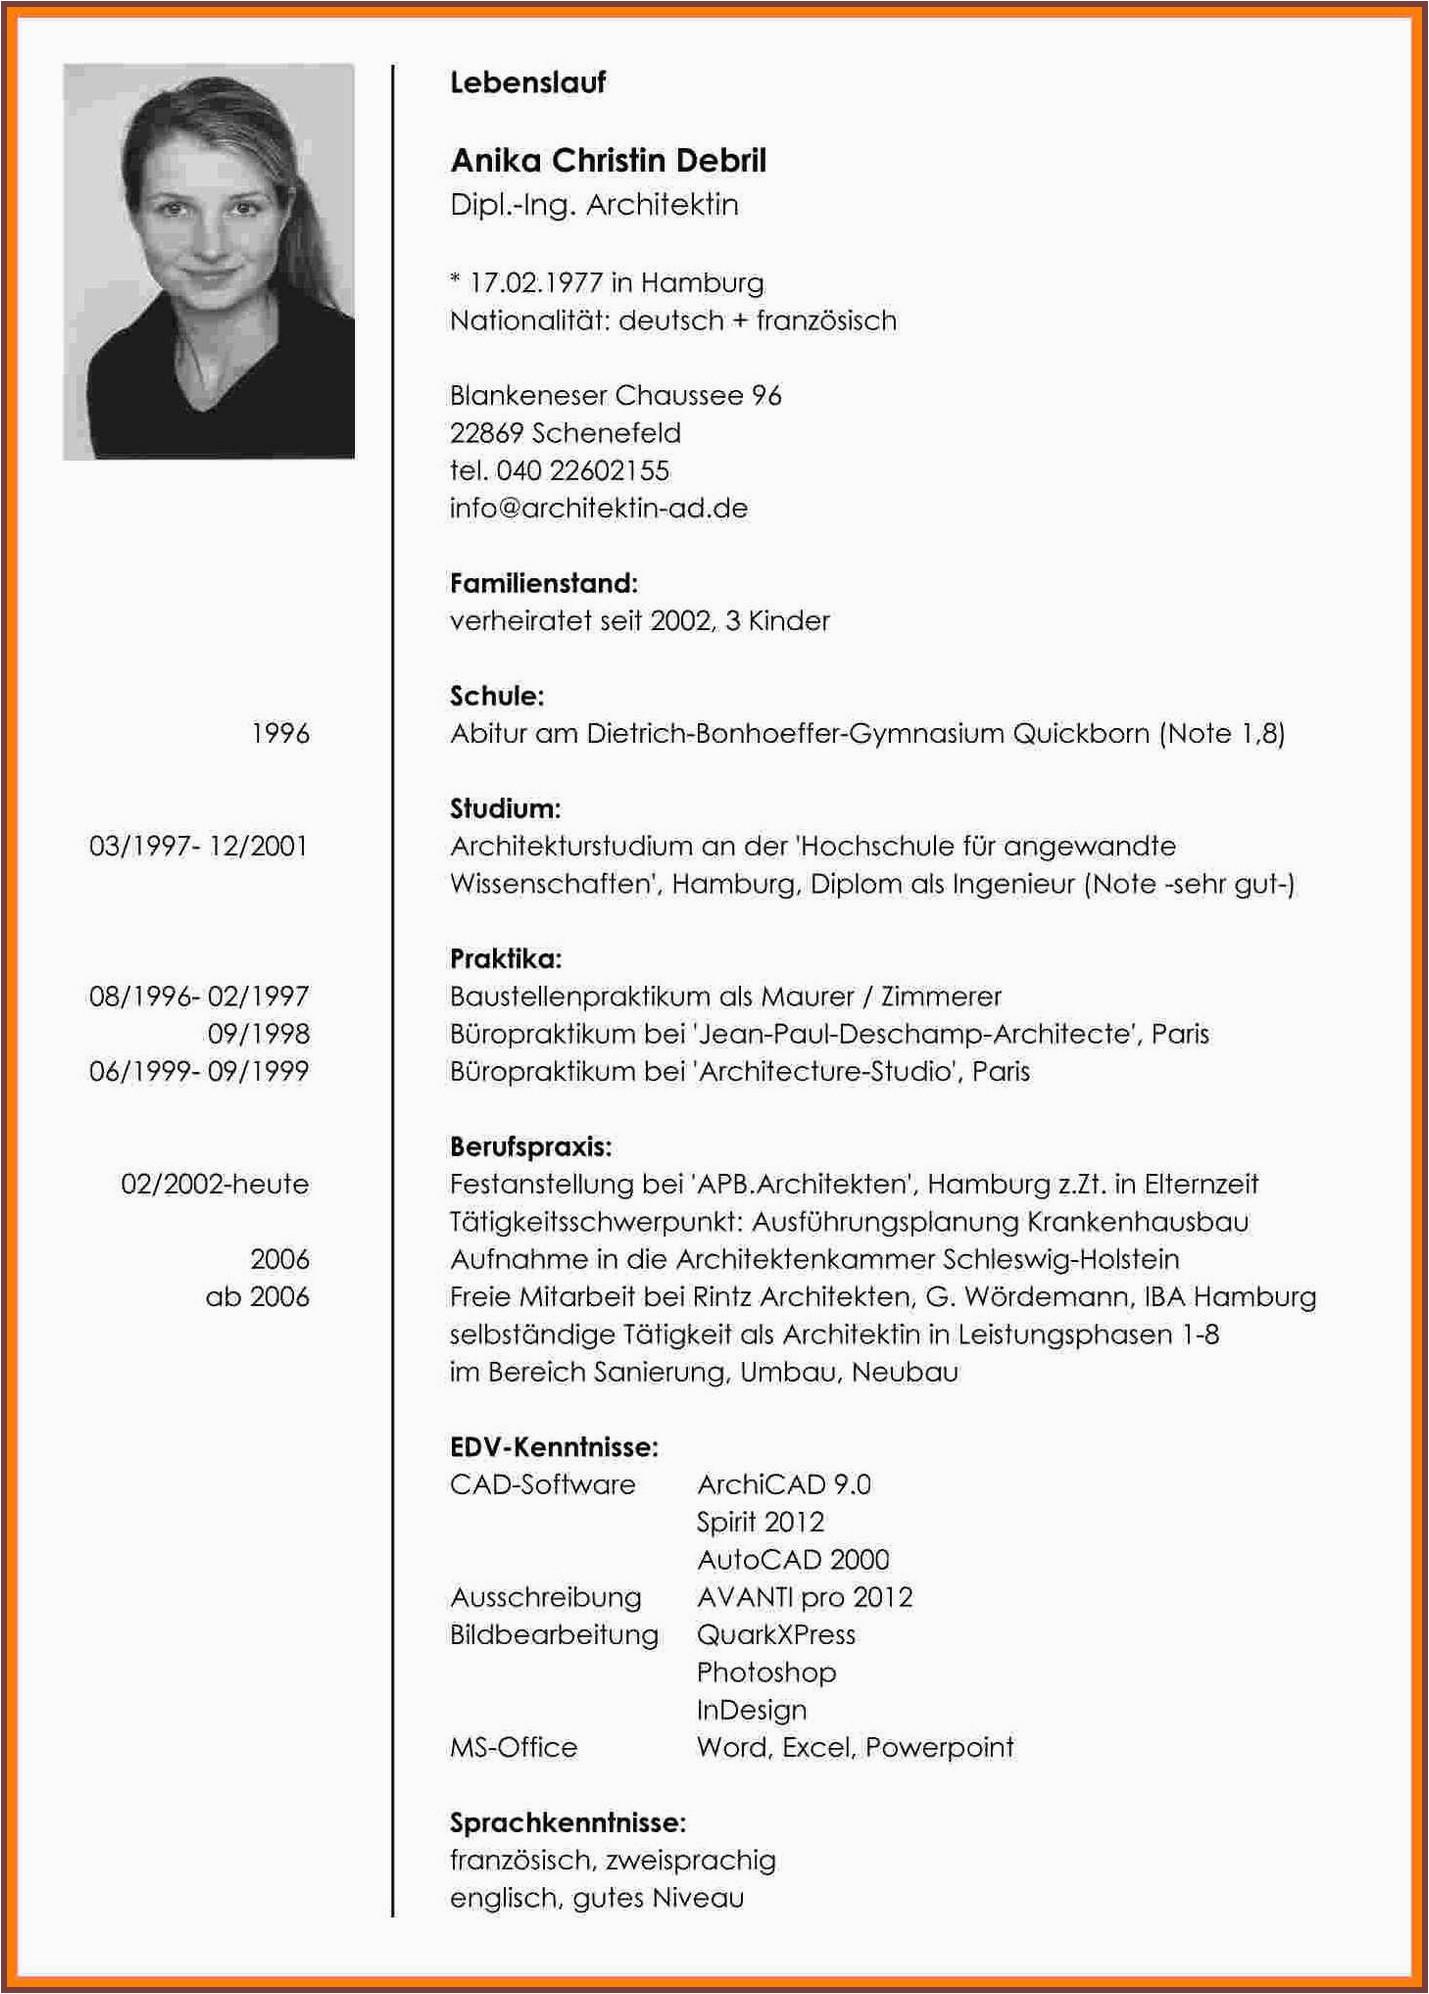 lebenslauf vorlage deutsch englisch tabellarischer deutsch beispiel pdf europass muster word student kostenlos vorlagen doc englisch